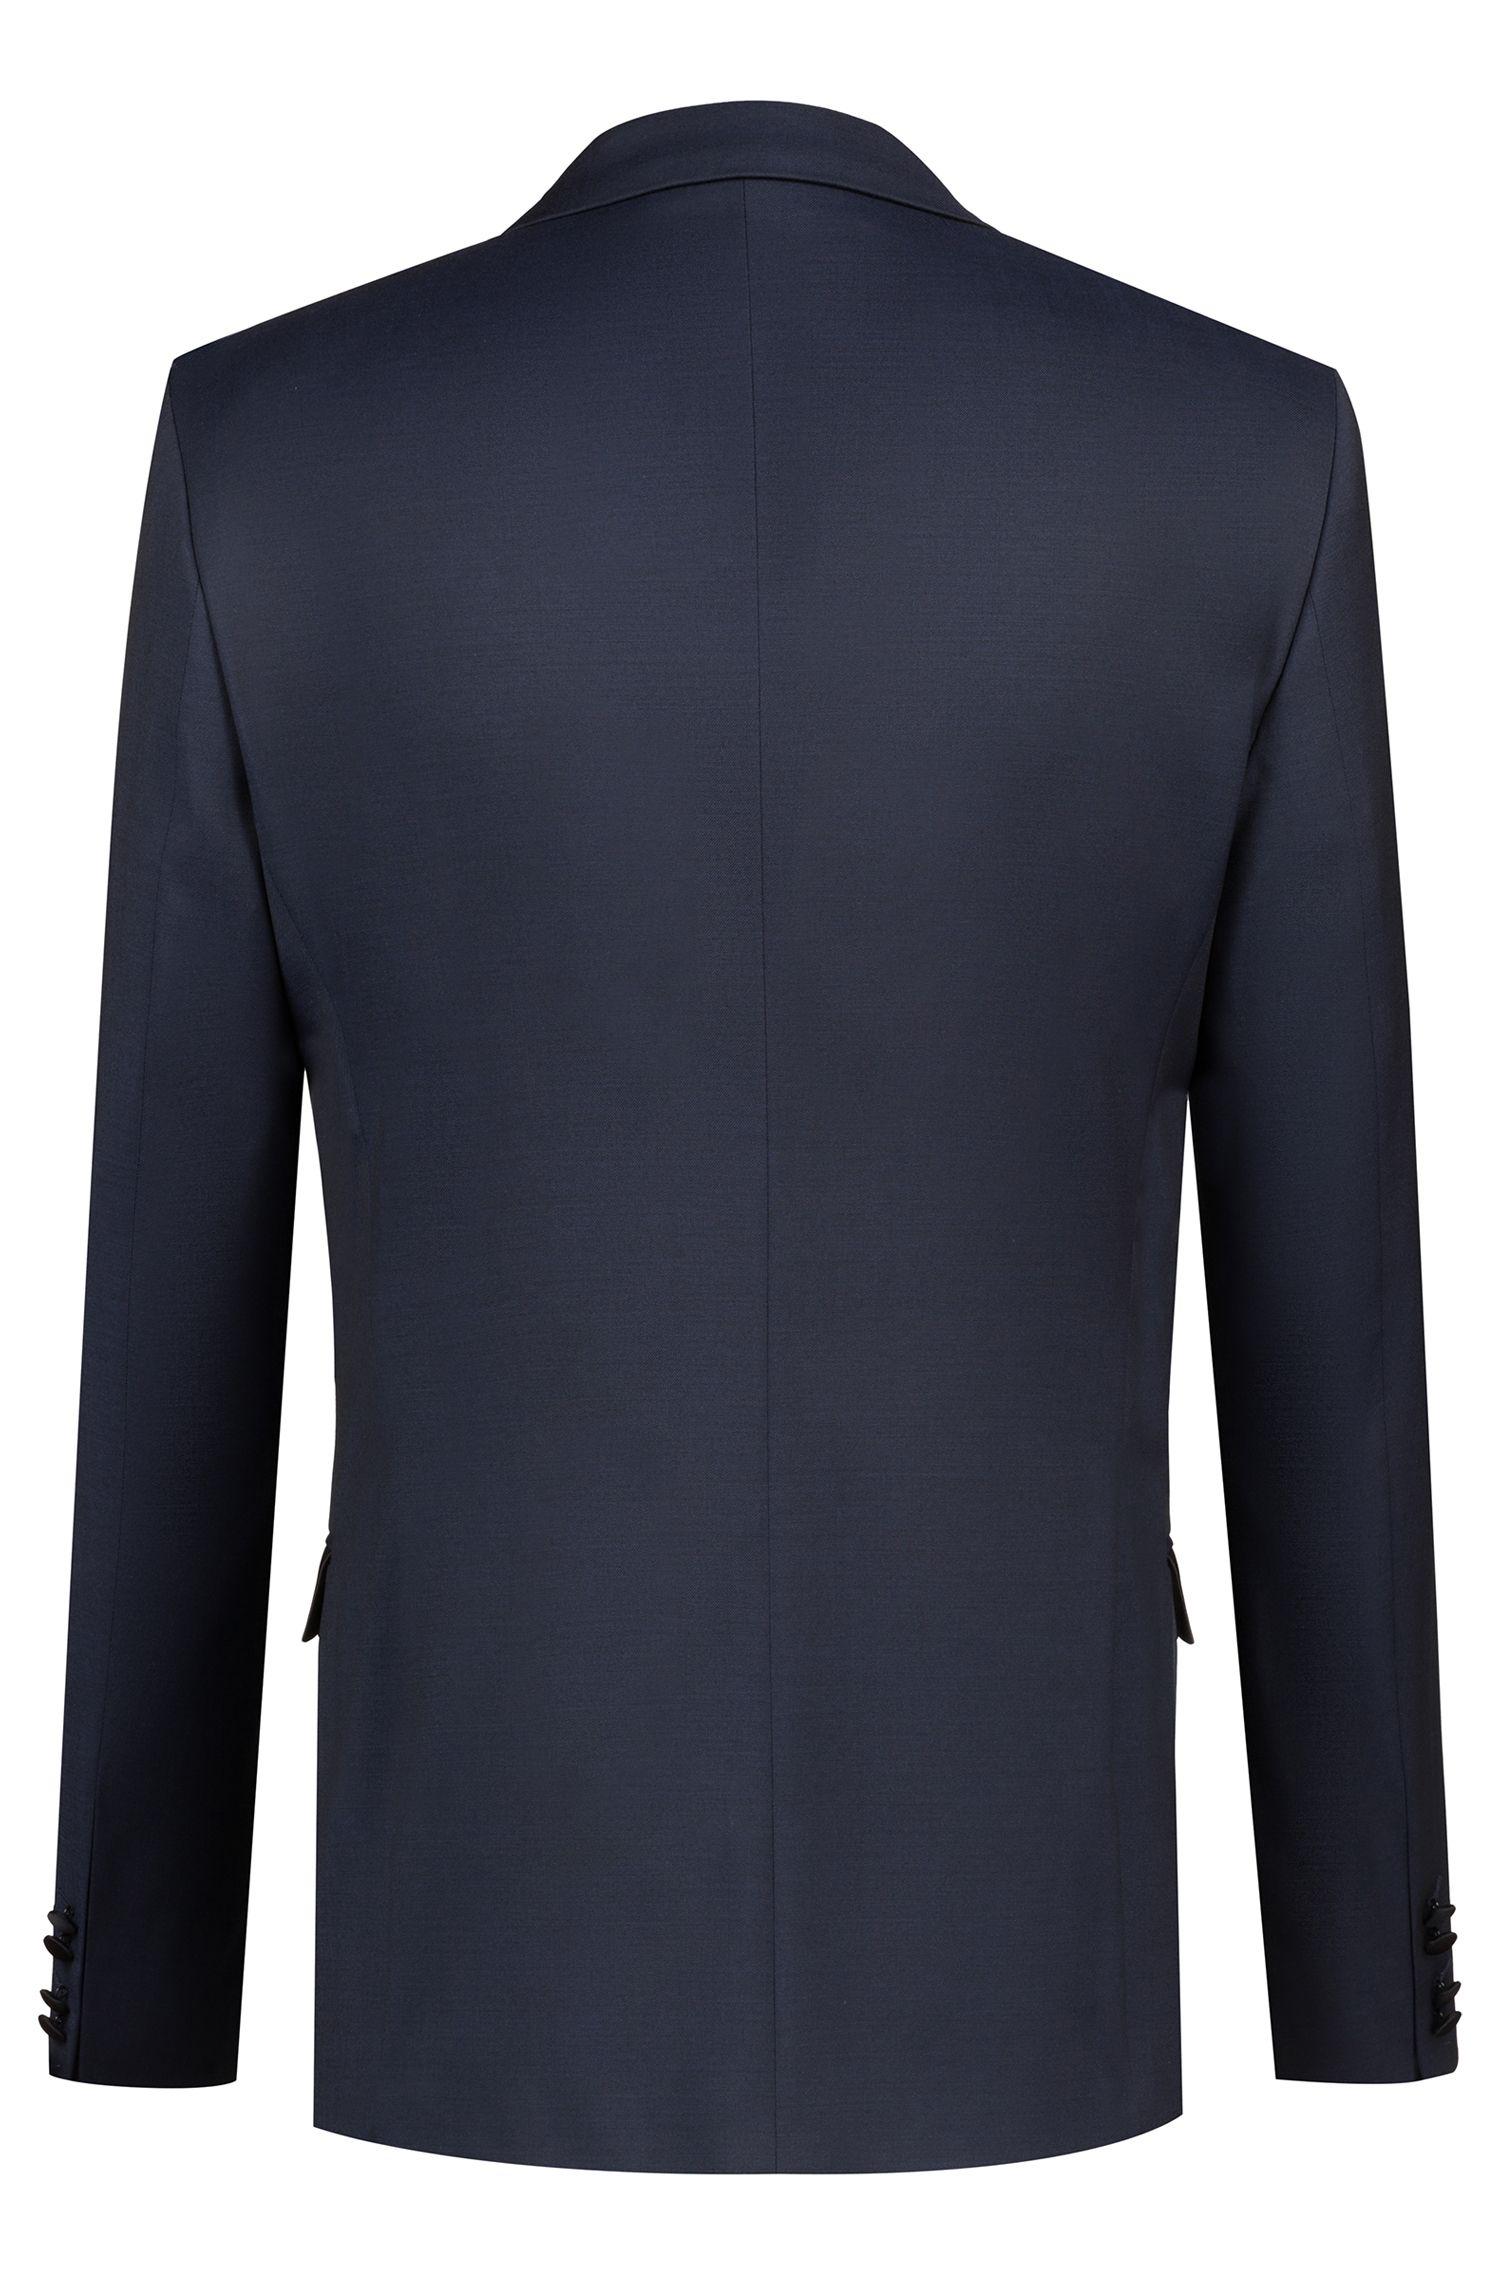 Veste Extra Slim Fit en laine vierge à finitions contrastantes, Bleu foncé